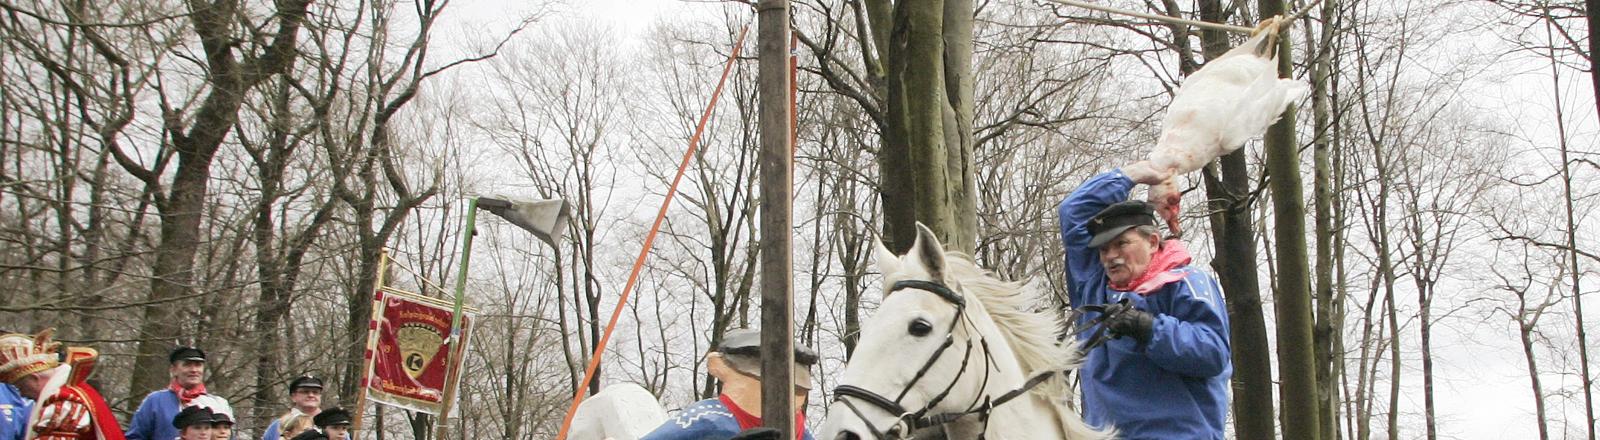 Ein Reiter versucht am Montag (23.02.2009) in Bochum vom Pferd aus einer toten Gans den Kopf abzureißen.